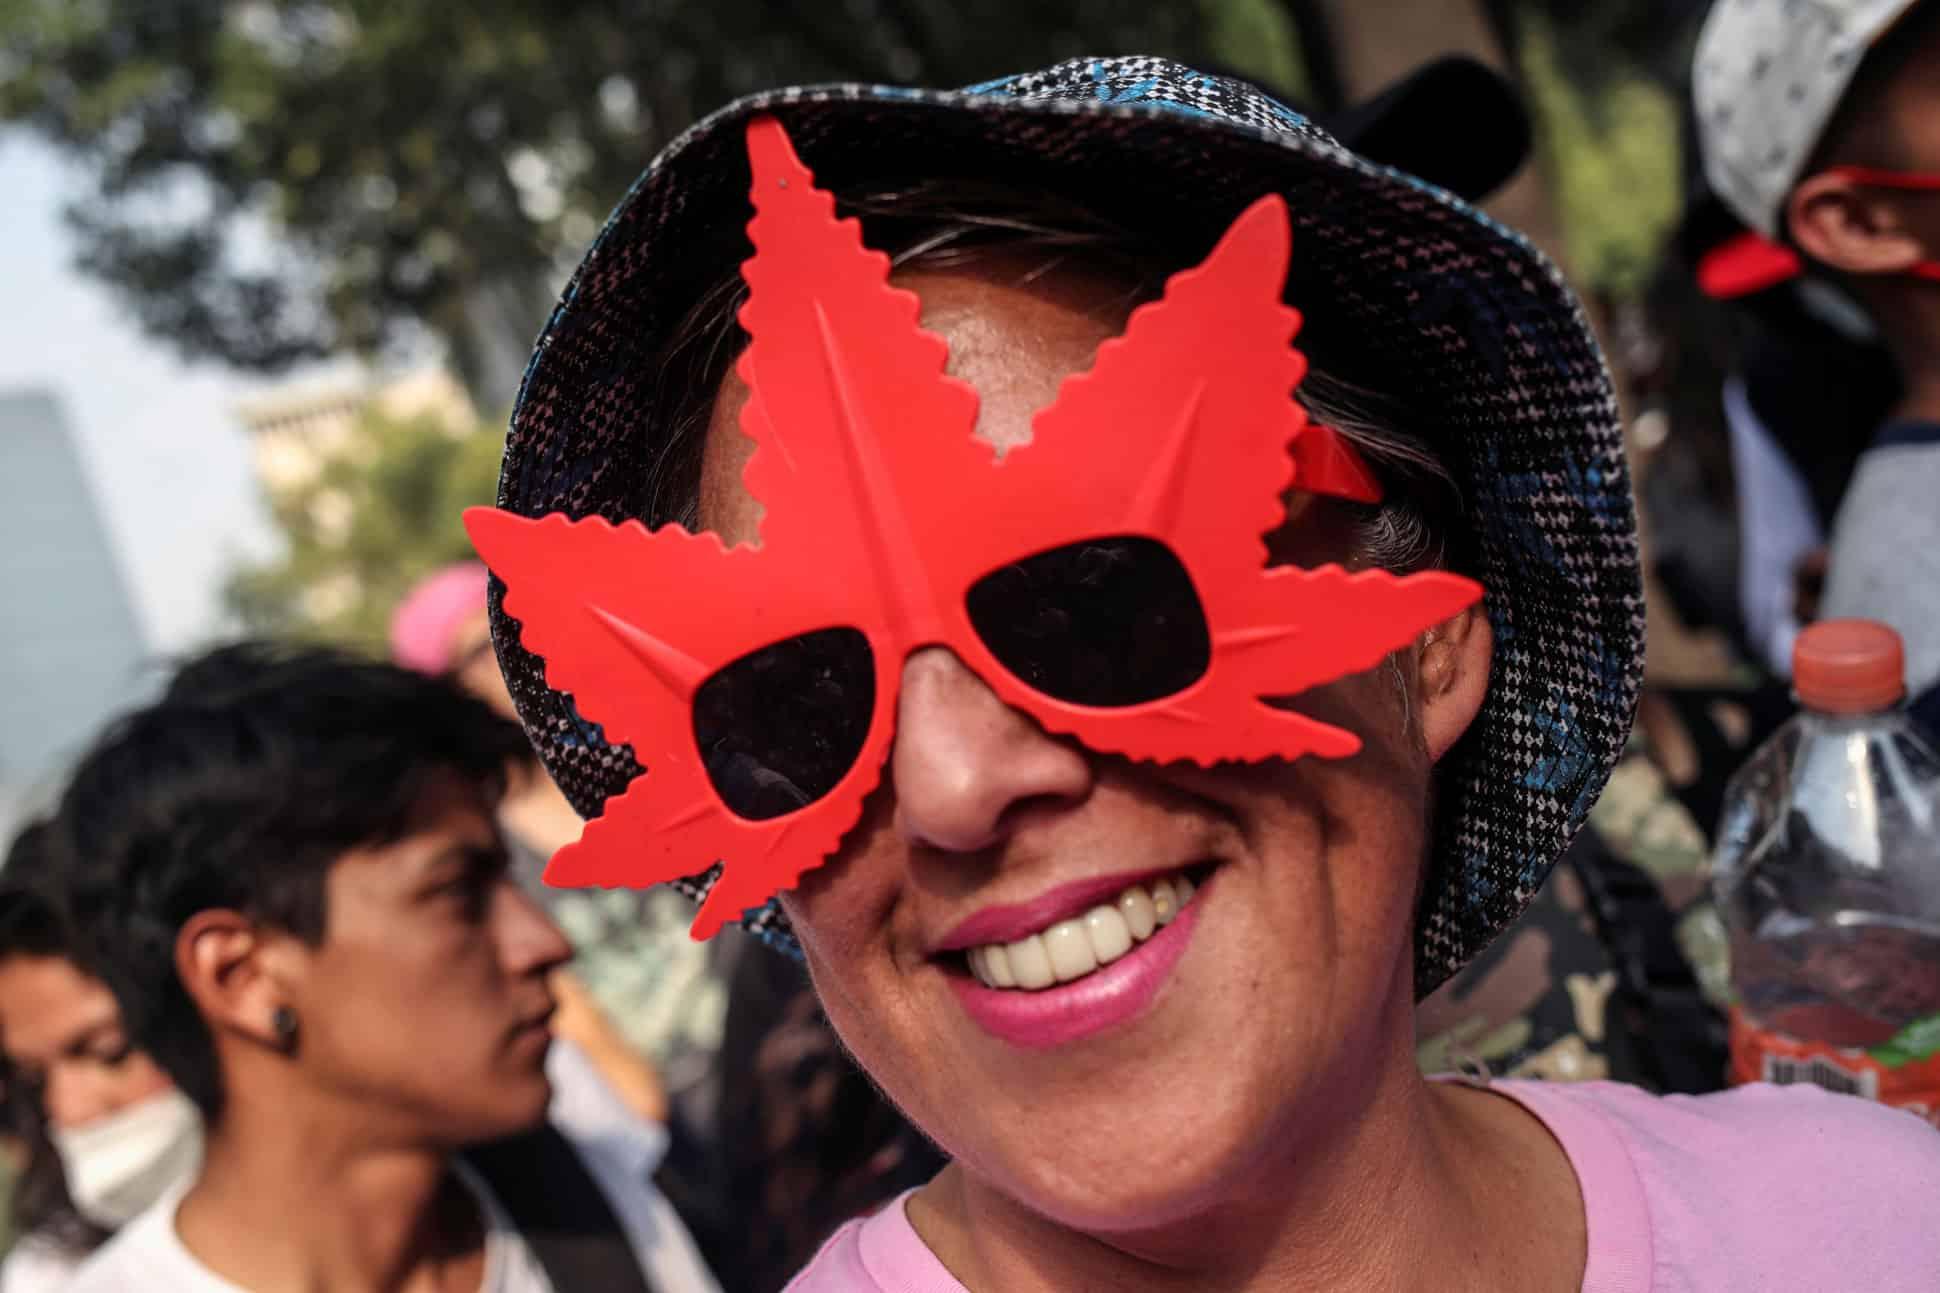 El 20 de abril activistas del movimiento cannábico y consumidores se reunieron afuera del Senado para celebrar el día de la mariguana.